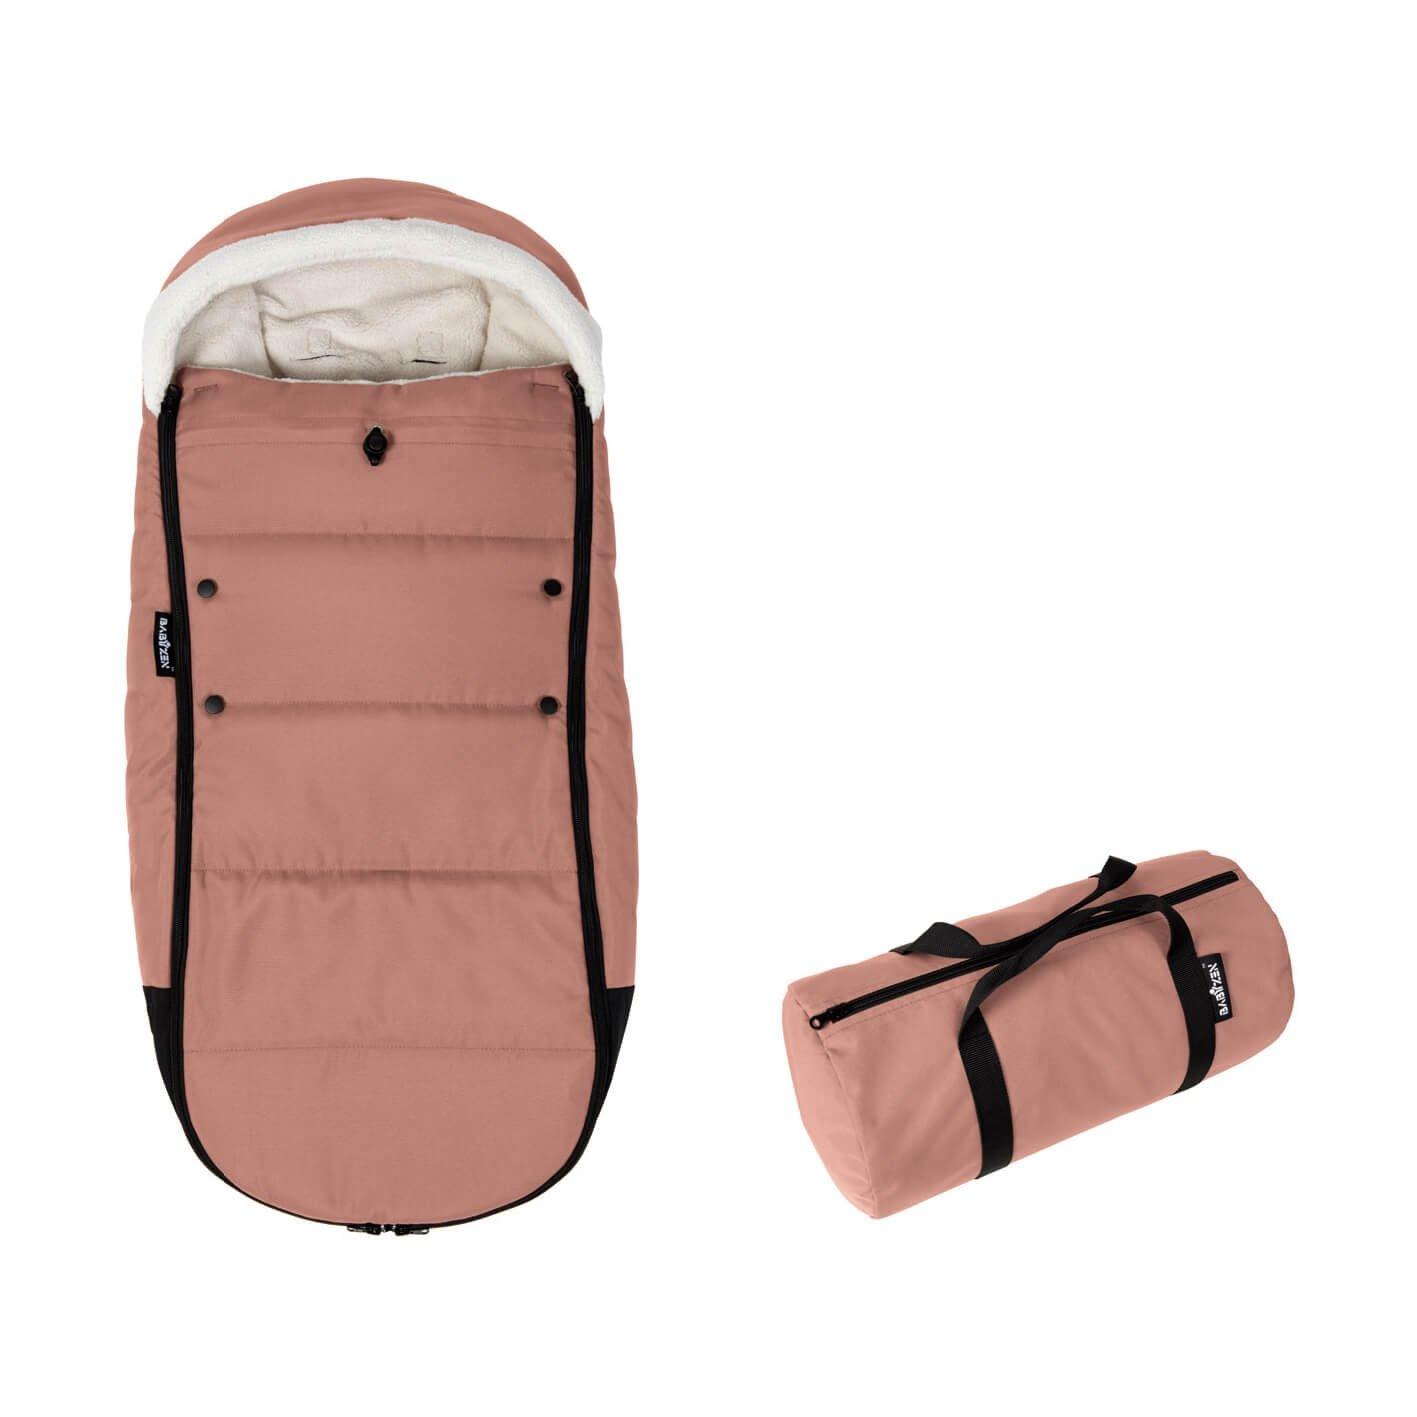 BabyZEN Fußsack für YOYO+-Kinderwagen ingwer